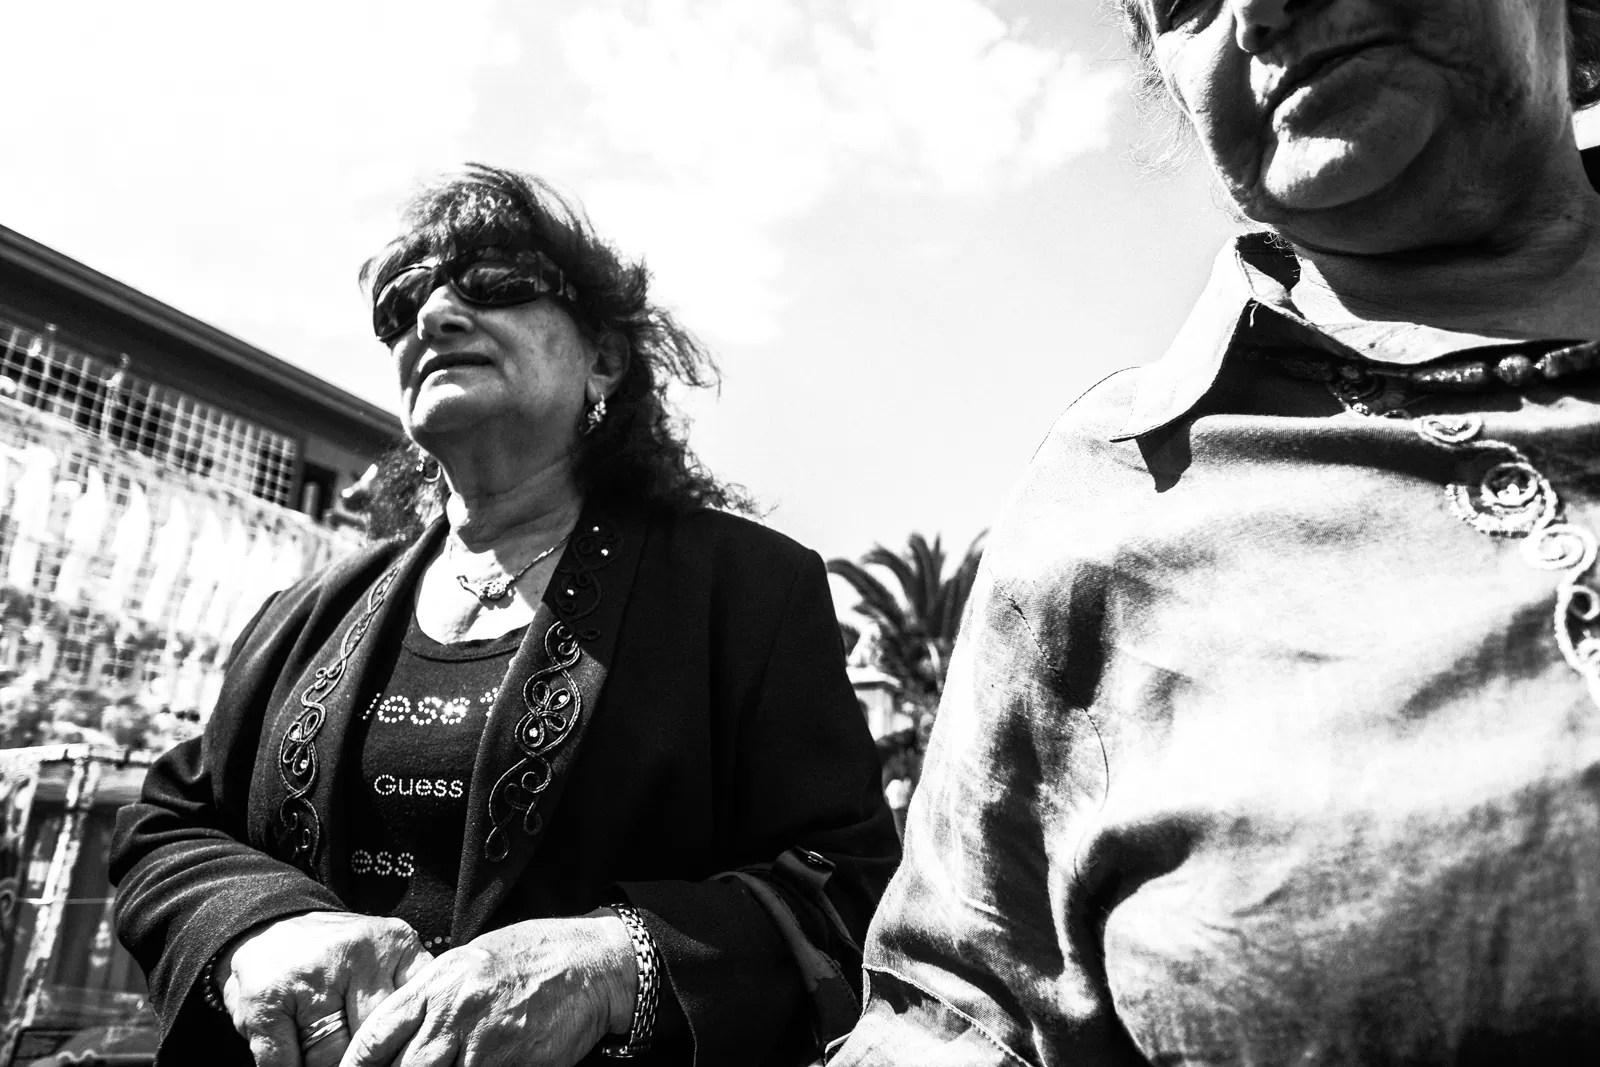 DSCF0743 - Un Giorno di festa - Sagra a Maletto [Street Photography] - fotostreet.it